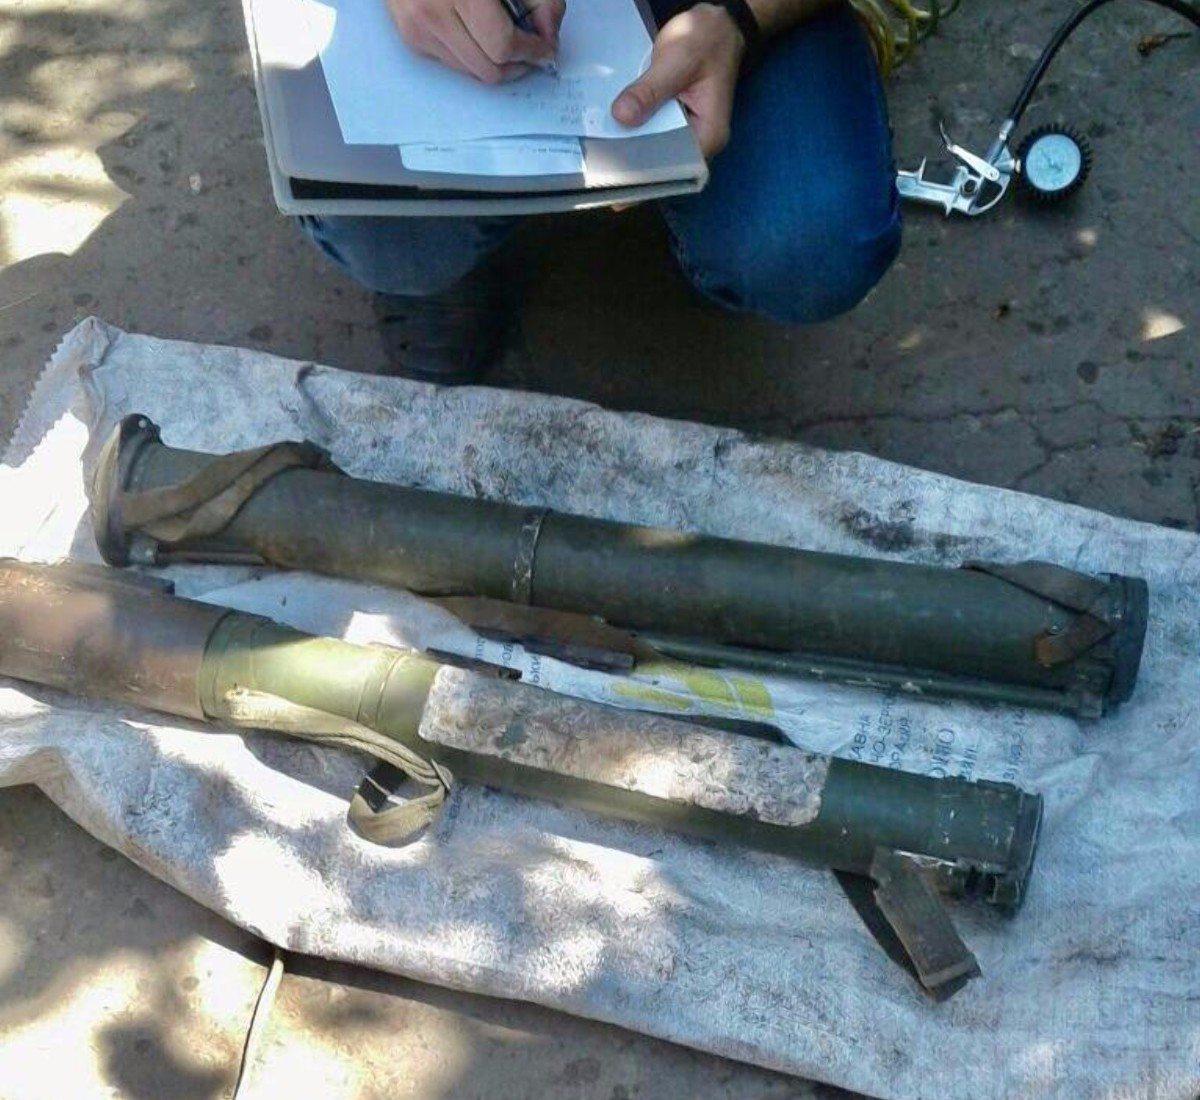 Полицейские обнаружили в доме жителя Херсонщины целый склад оружия